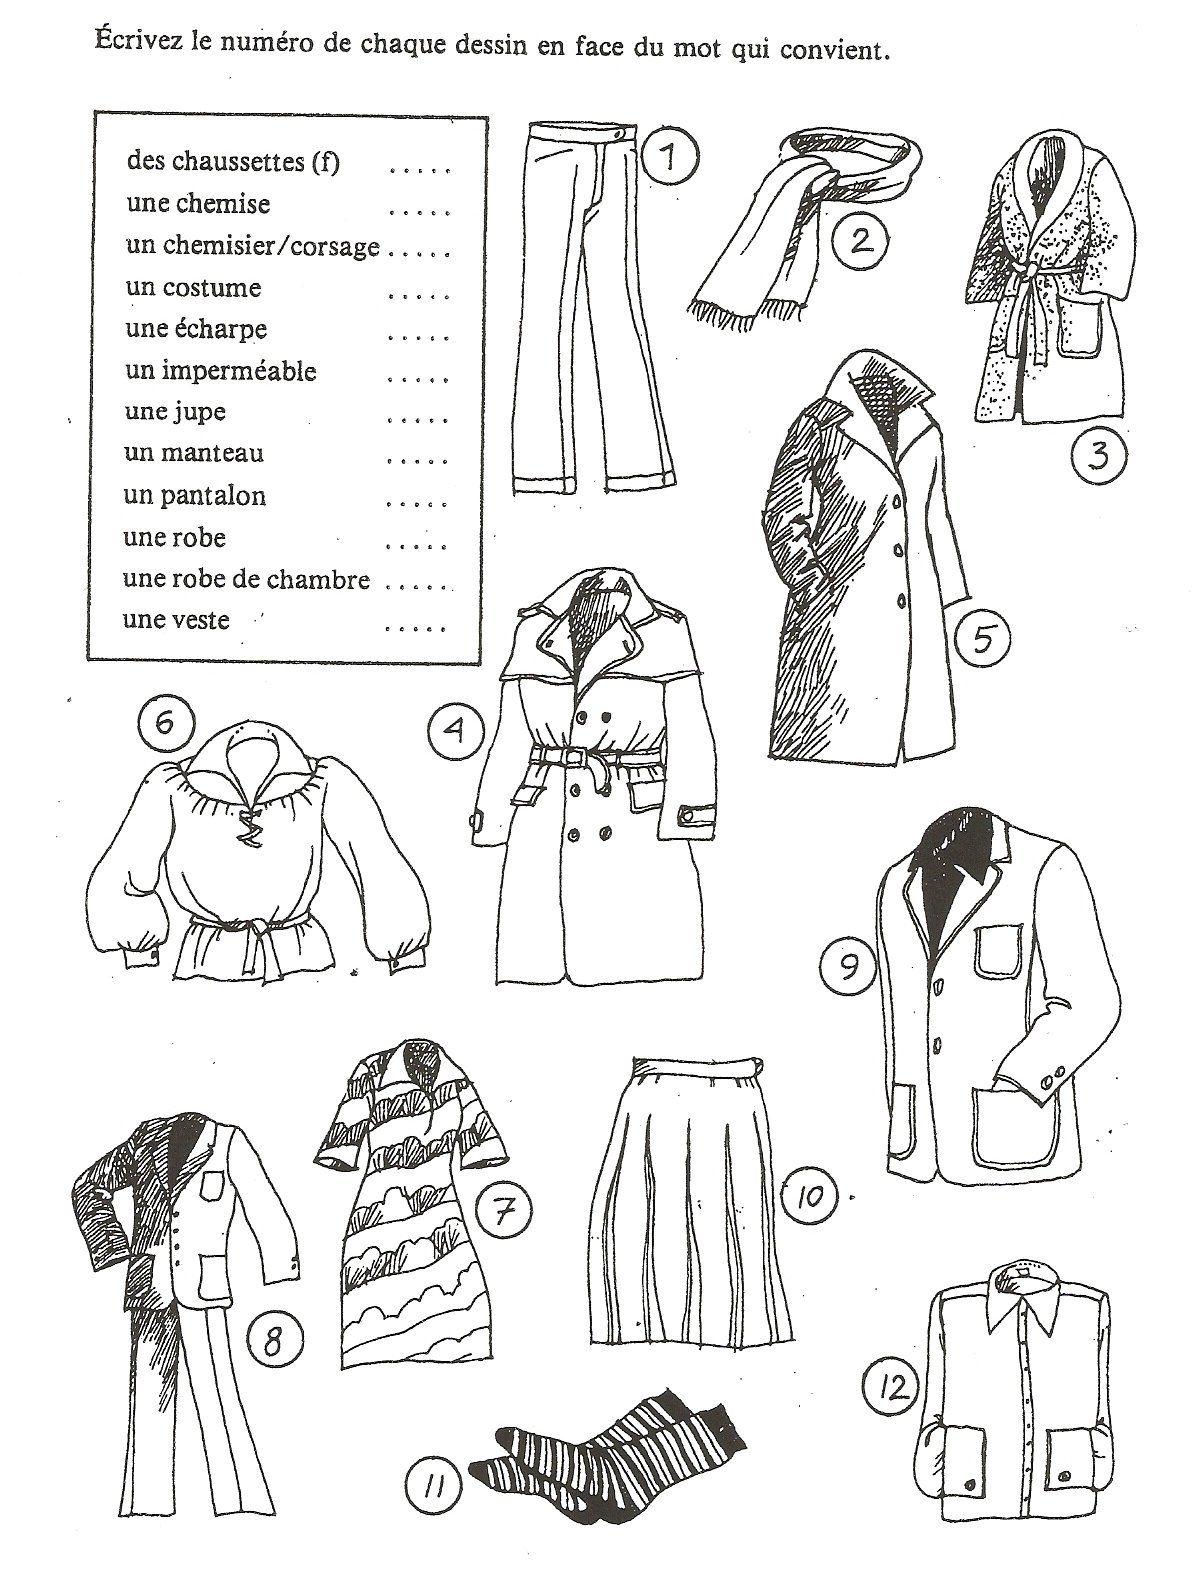 Connu Français Langue Étrangère - A1: Les vêtements   clothing  VG12